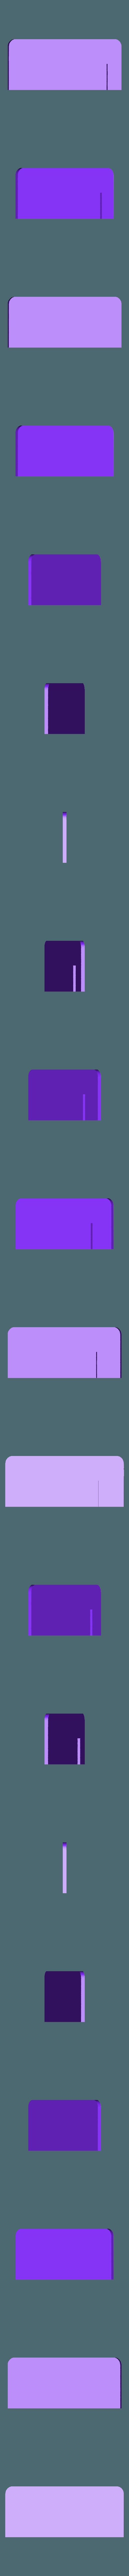 2_SD_Case_B.STL Télécharger fichier STL gratuit Support pour carte SD d'extension • Modèle pour imprimante 3D, perinski